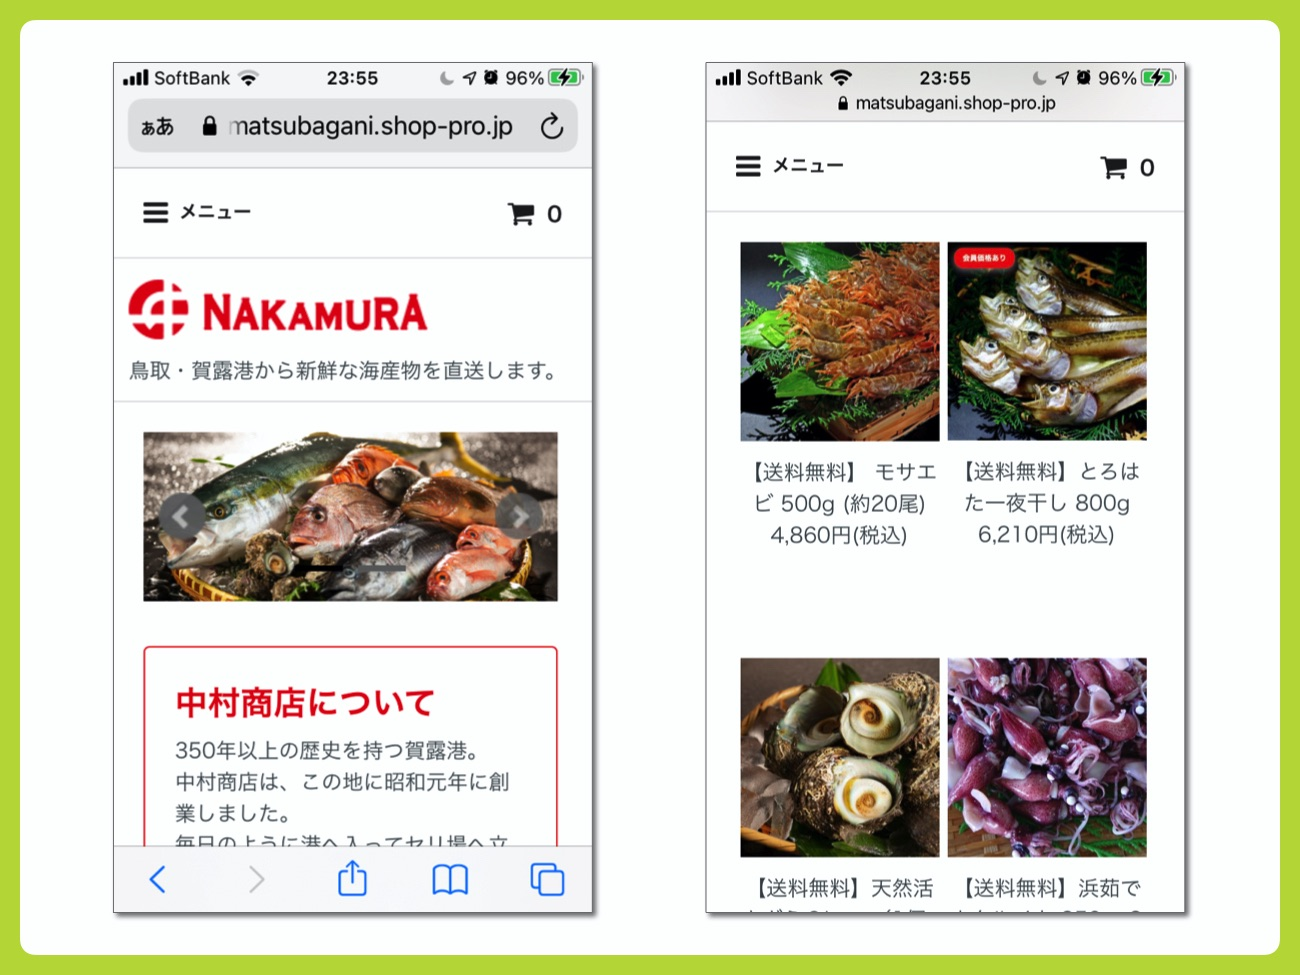 中村商店のオンラインショップ